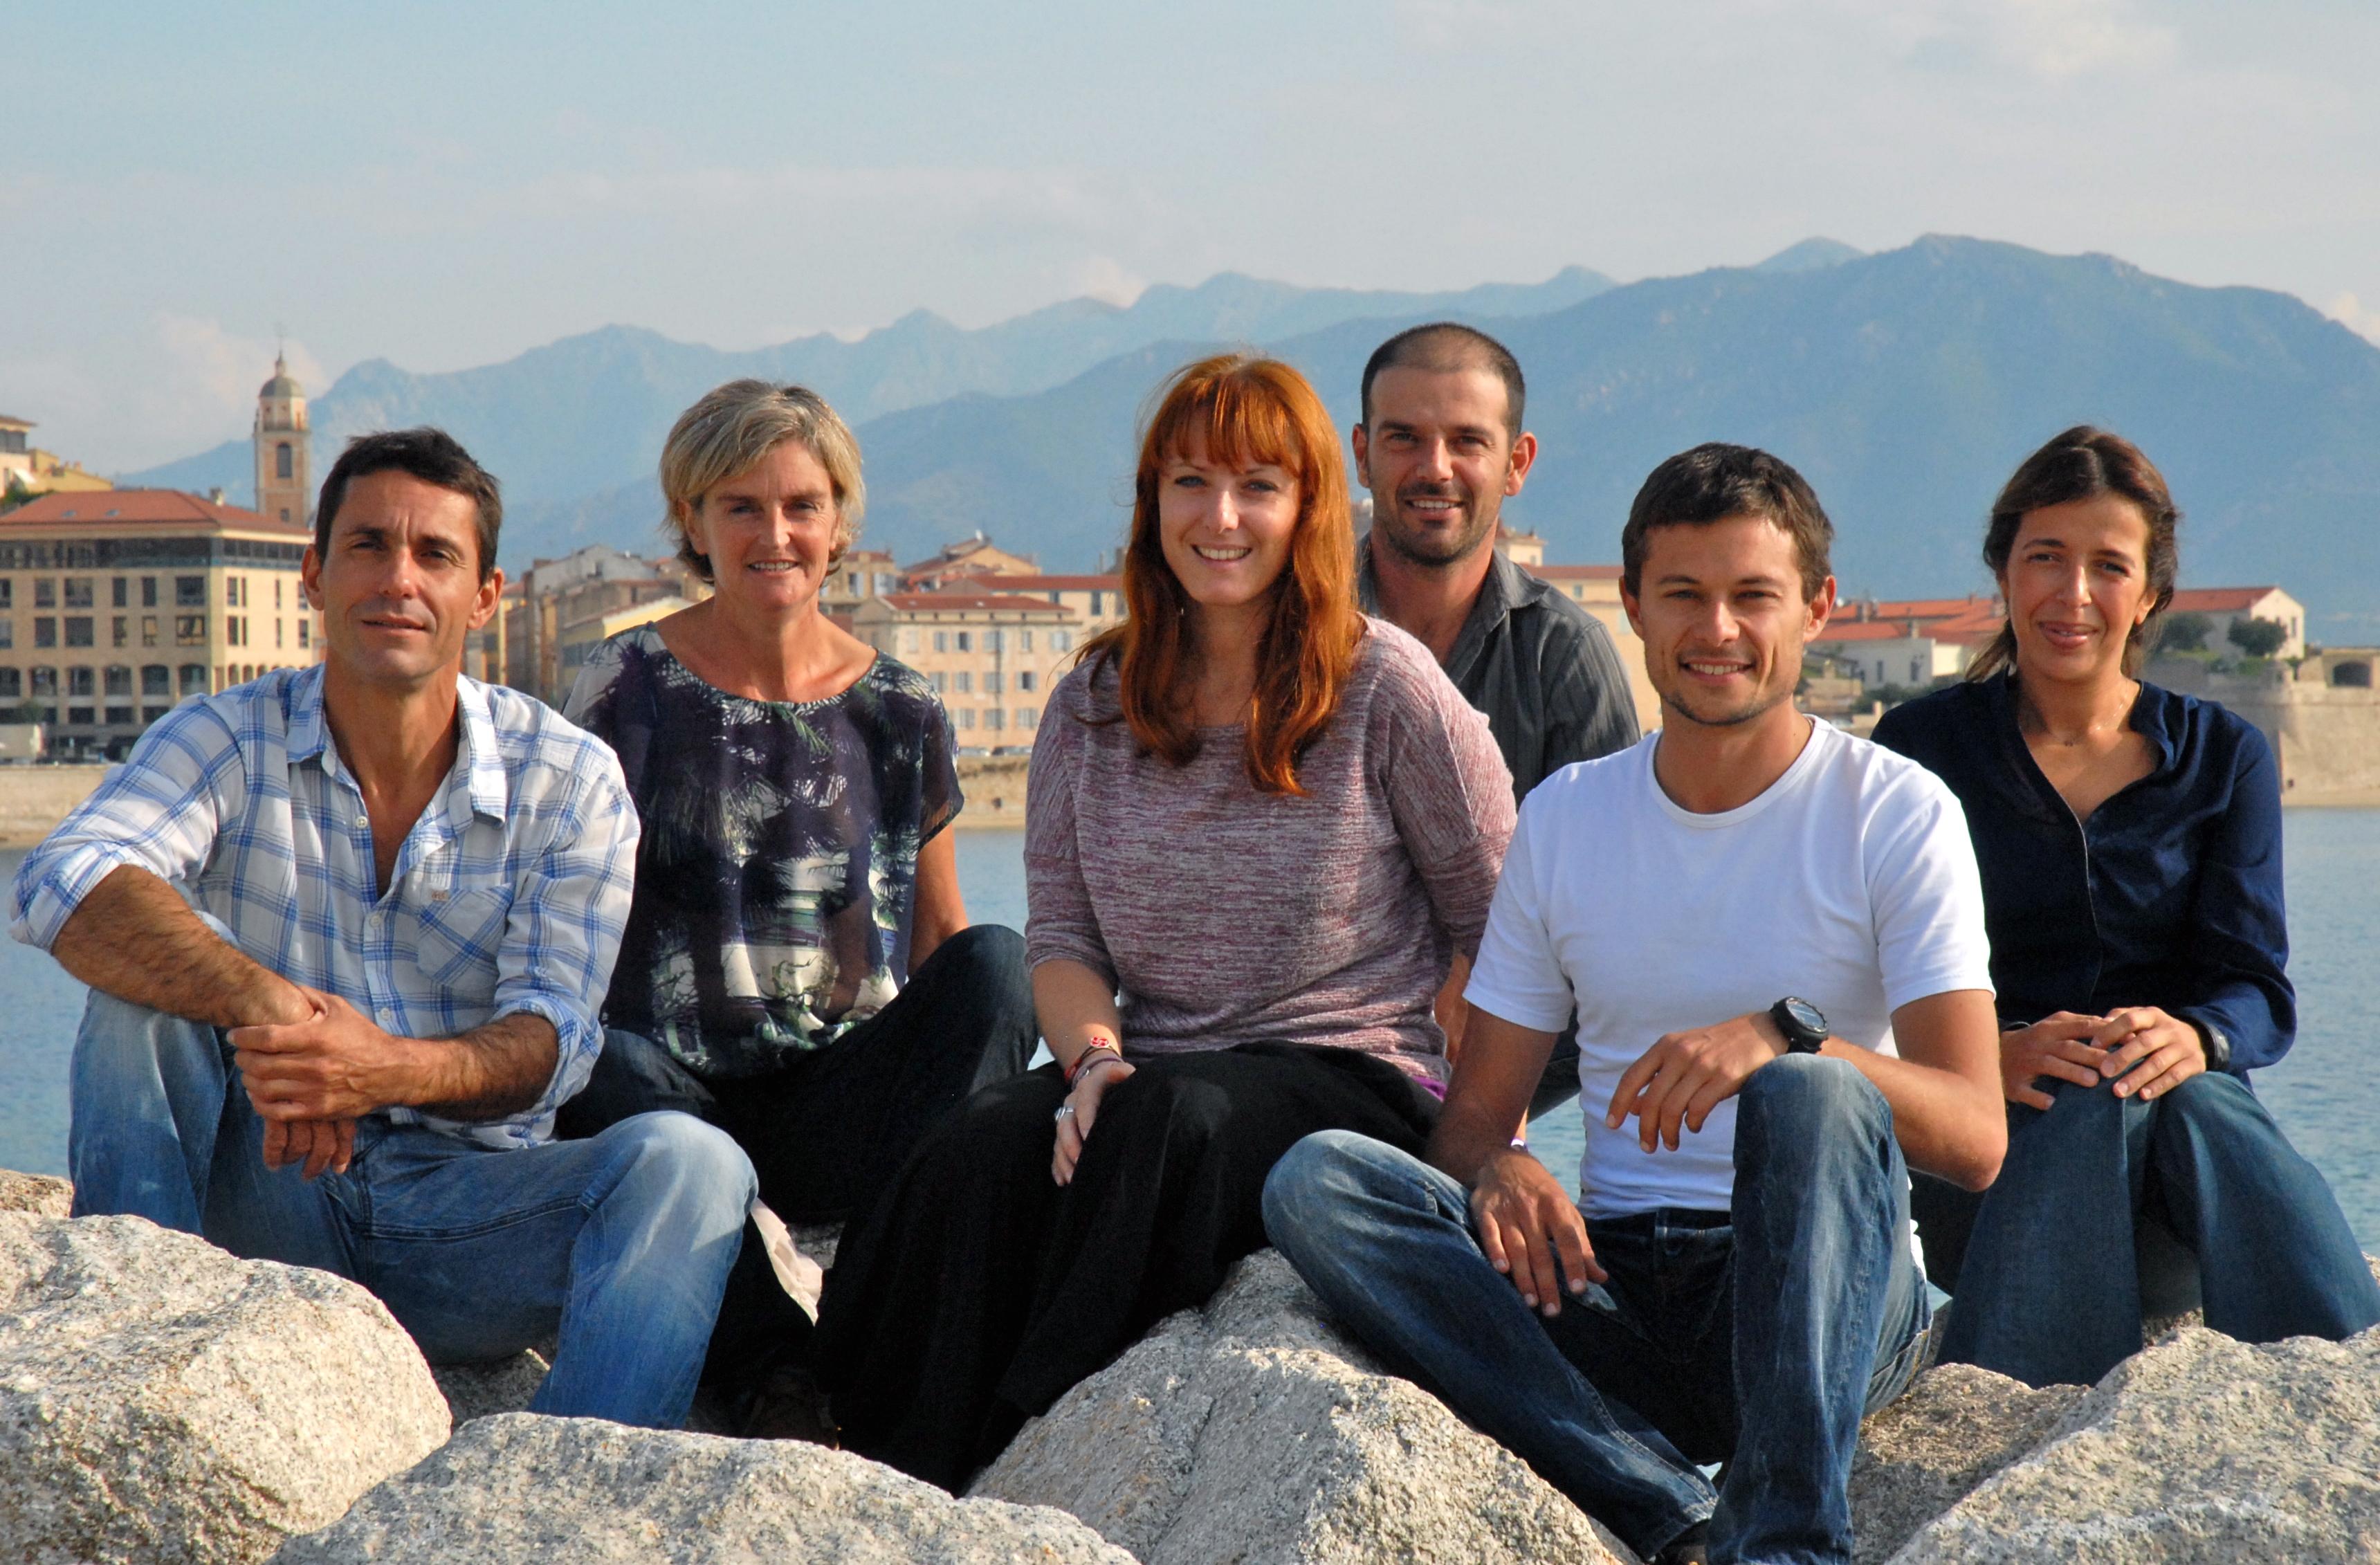 Manu, Laëtitia, Perrine, Cédric, Sylvain, Myriam (de gauche à droite)